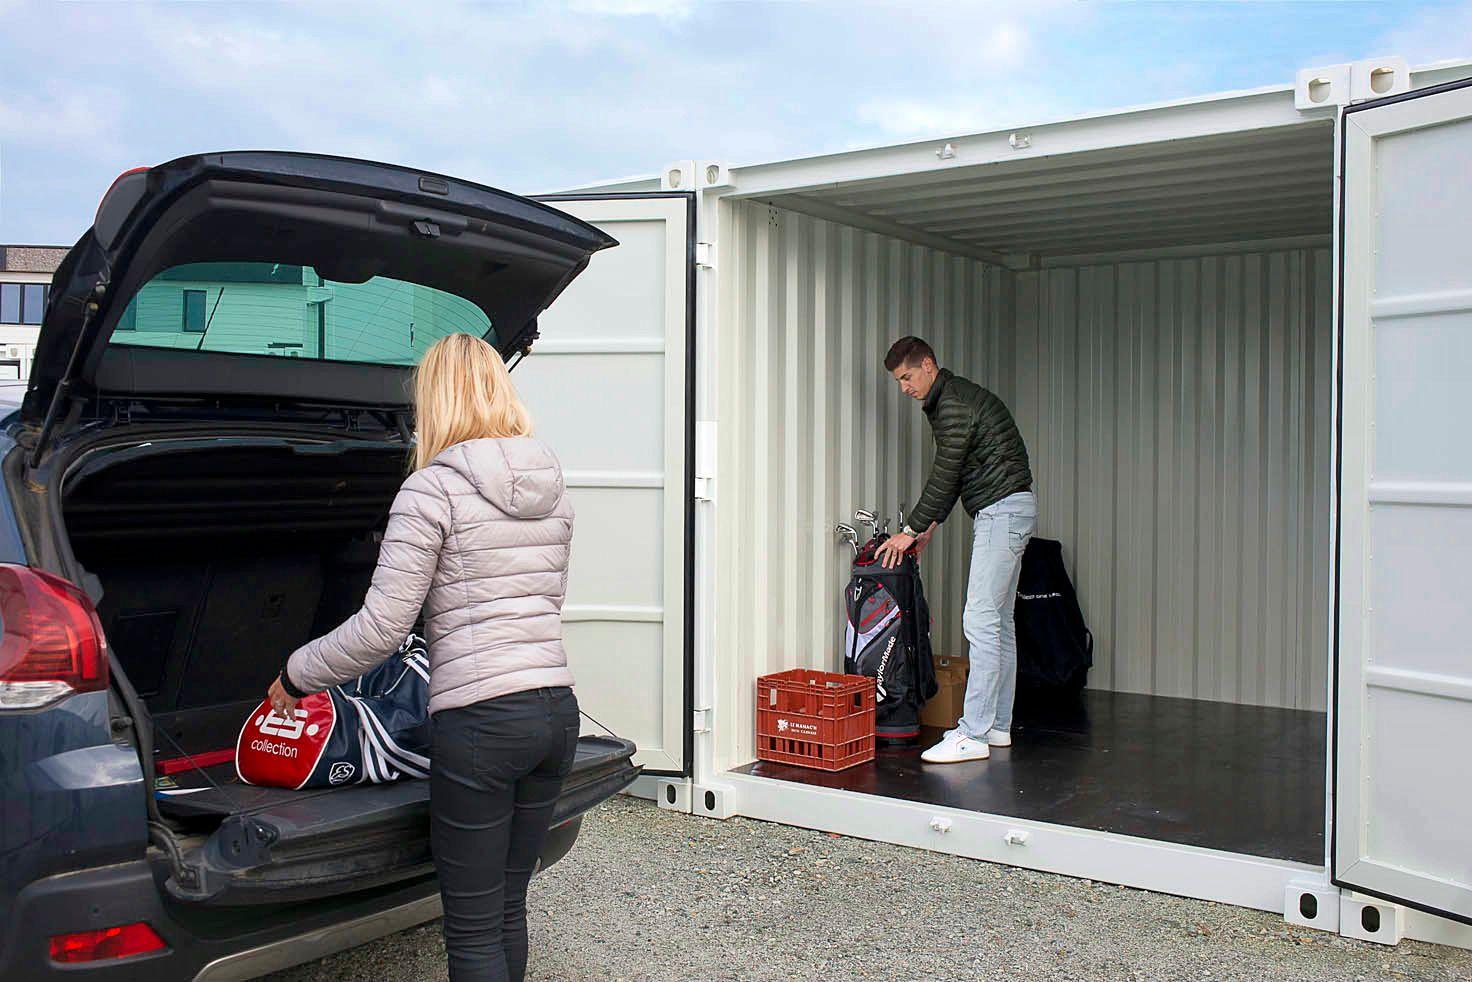 Loue à Cherbourg box de stockage sécurisés accès 7j/24h de plain pied